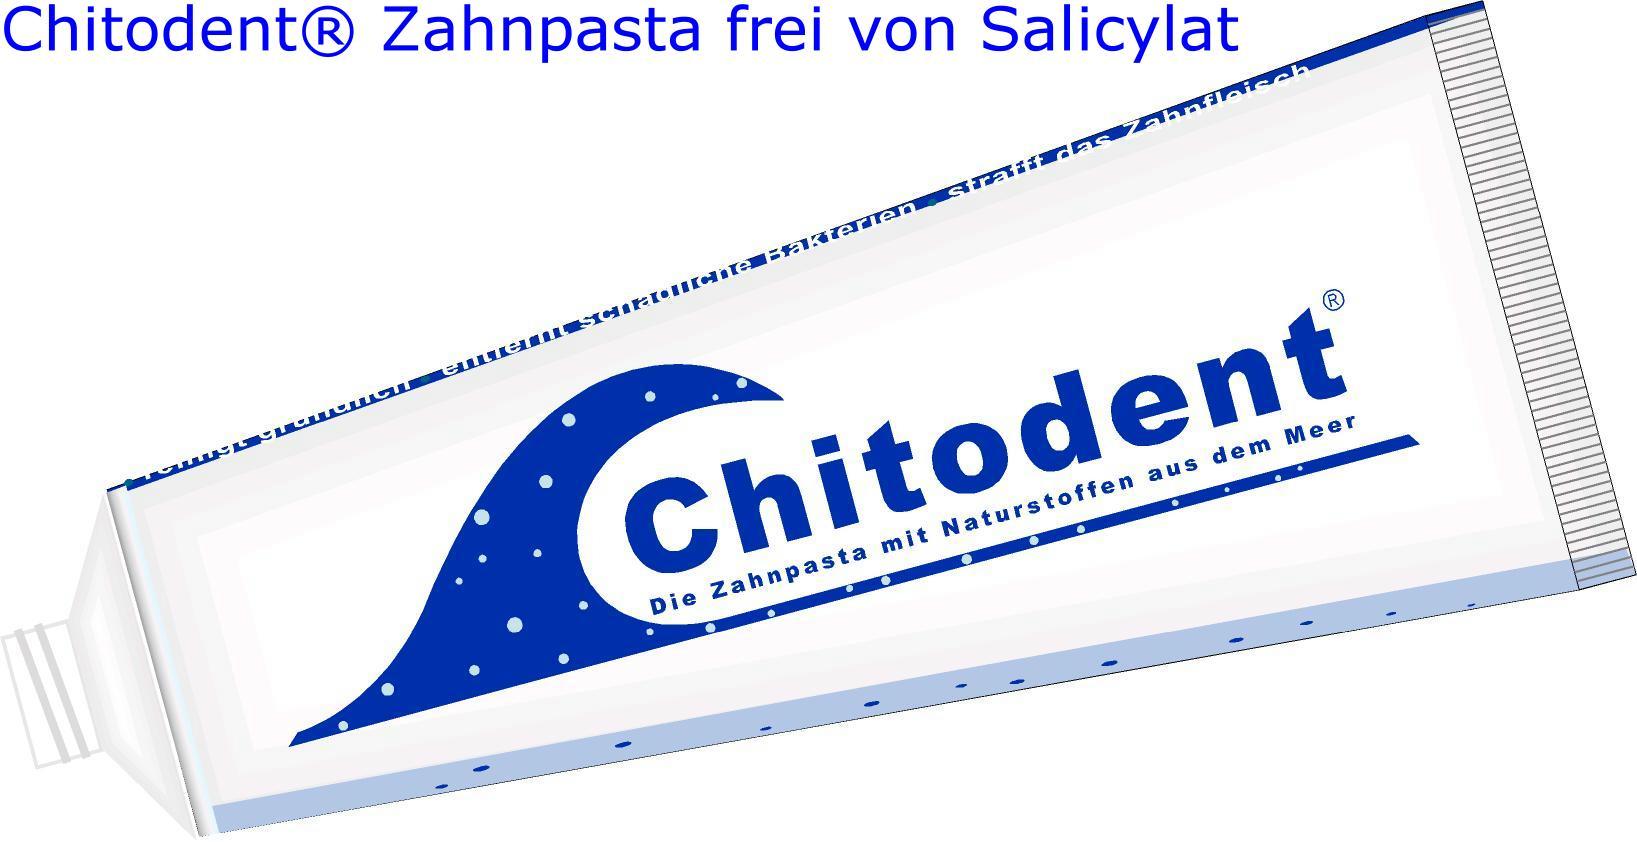 Chitodent Zahnpasta ist frei von Salicylat und Menthol